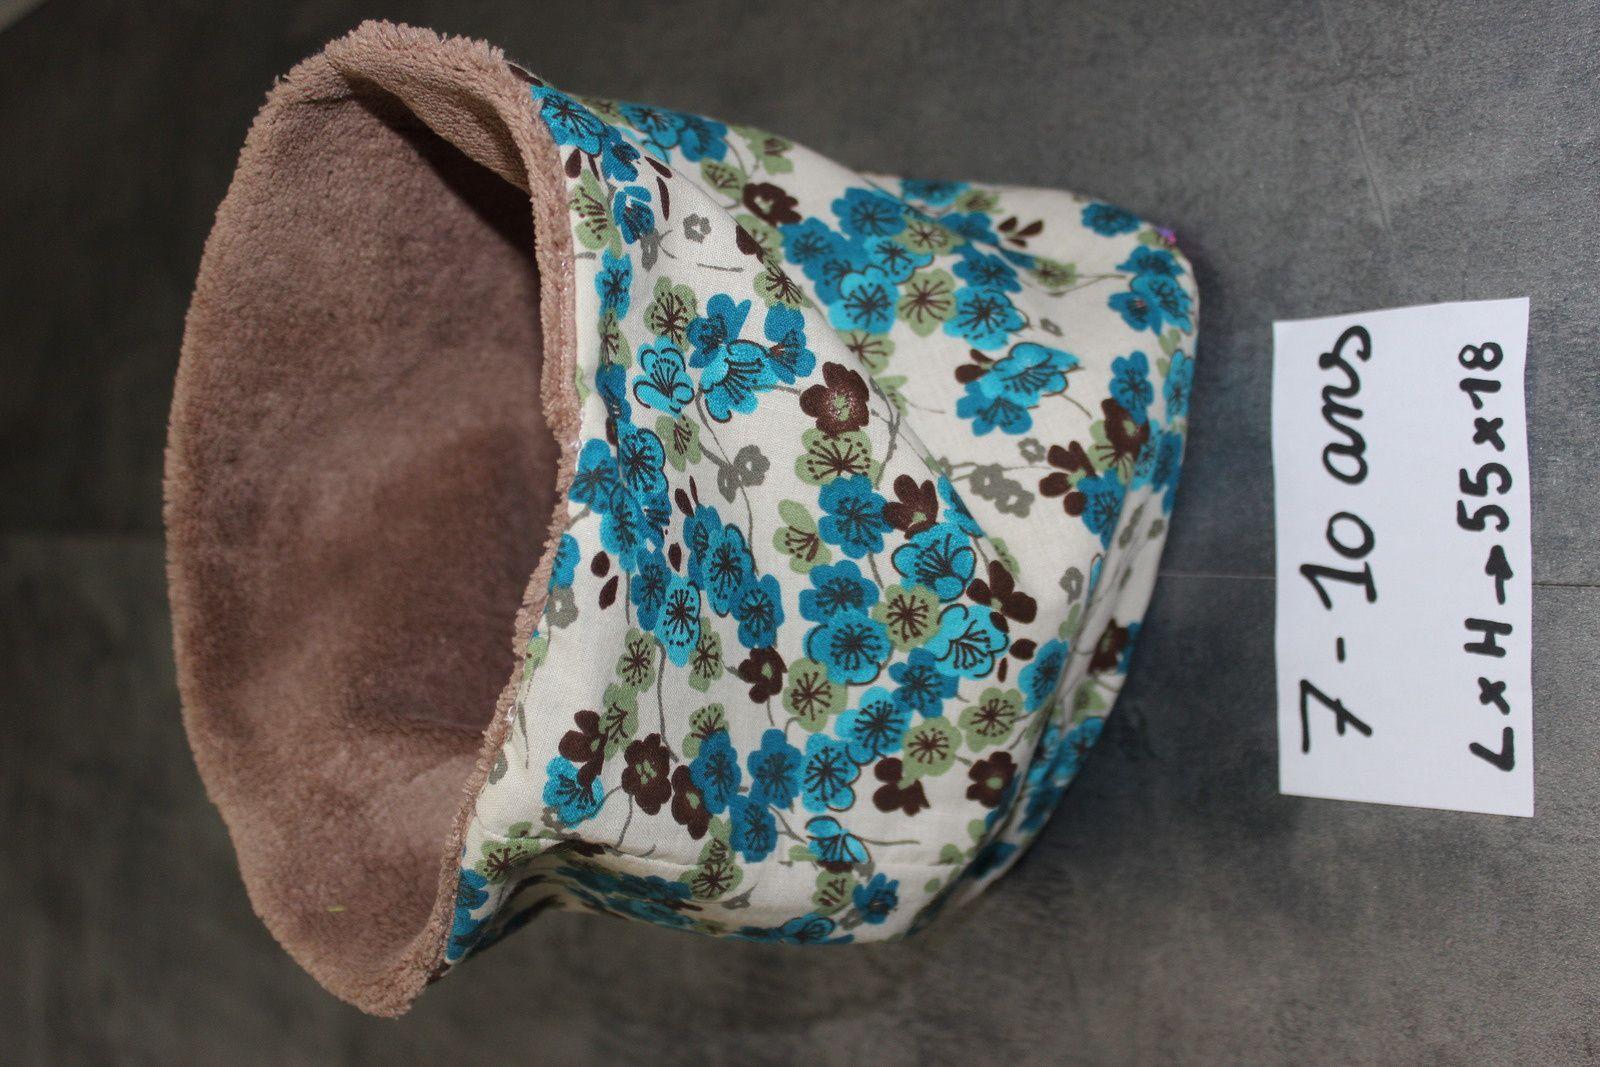 Snood / tour de cou (1 côté minky/polaire et 1 côté coton imprimé) : 10 euros